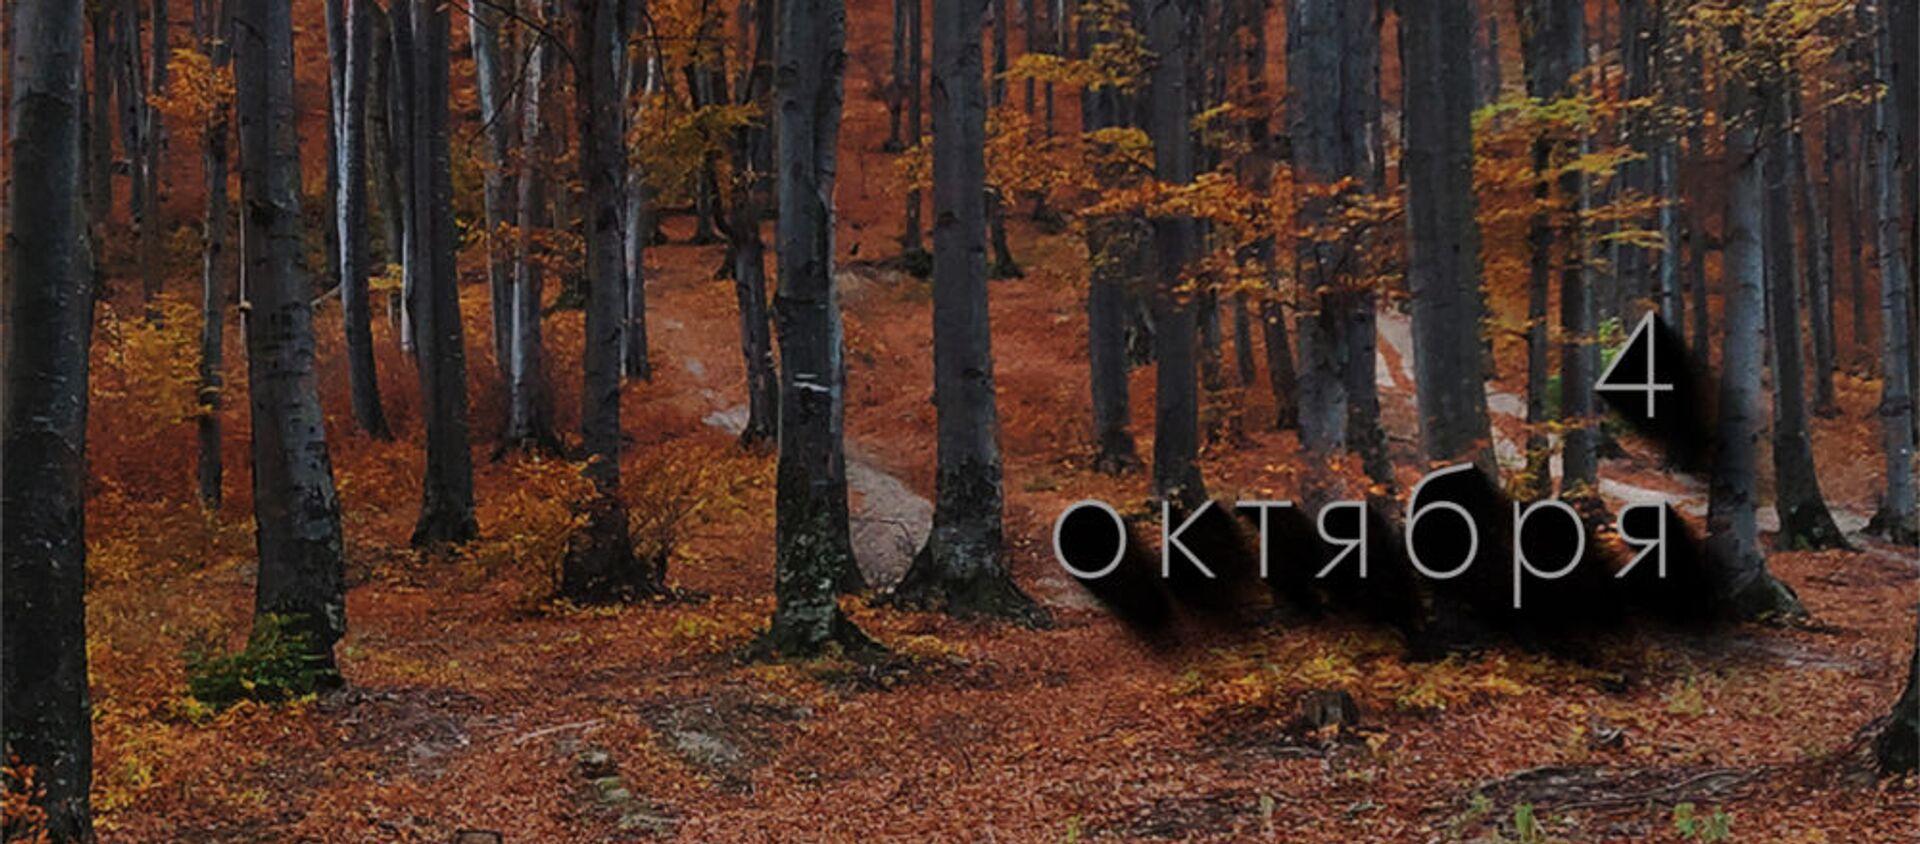 День 4 октября - Sputnik Южная Осетия, 1920, 03.10.2021